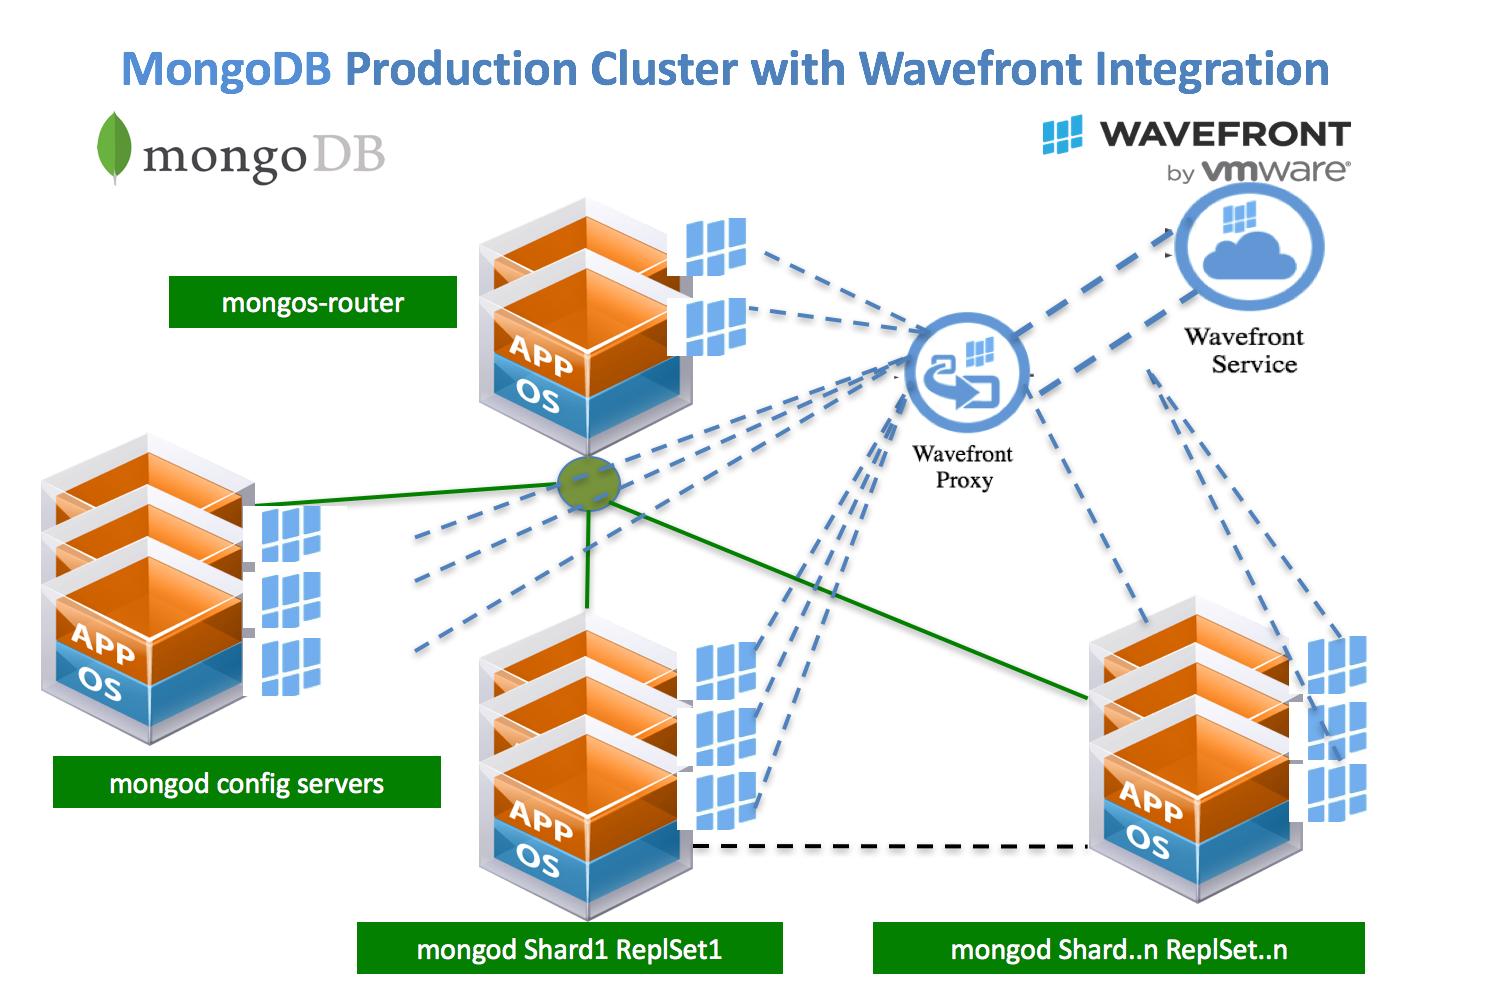 MongoDB and Wavefront